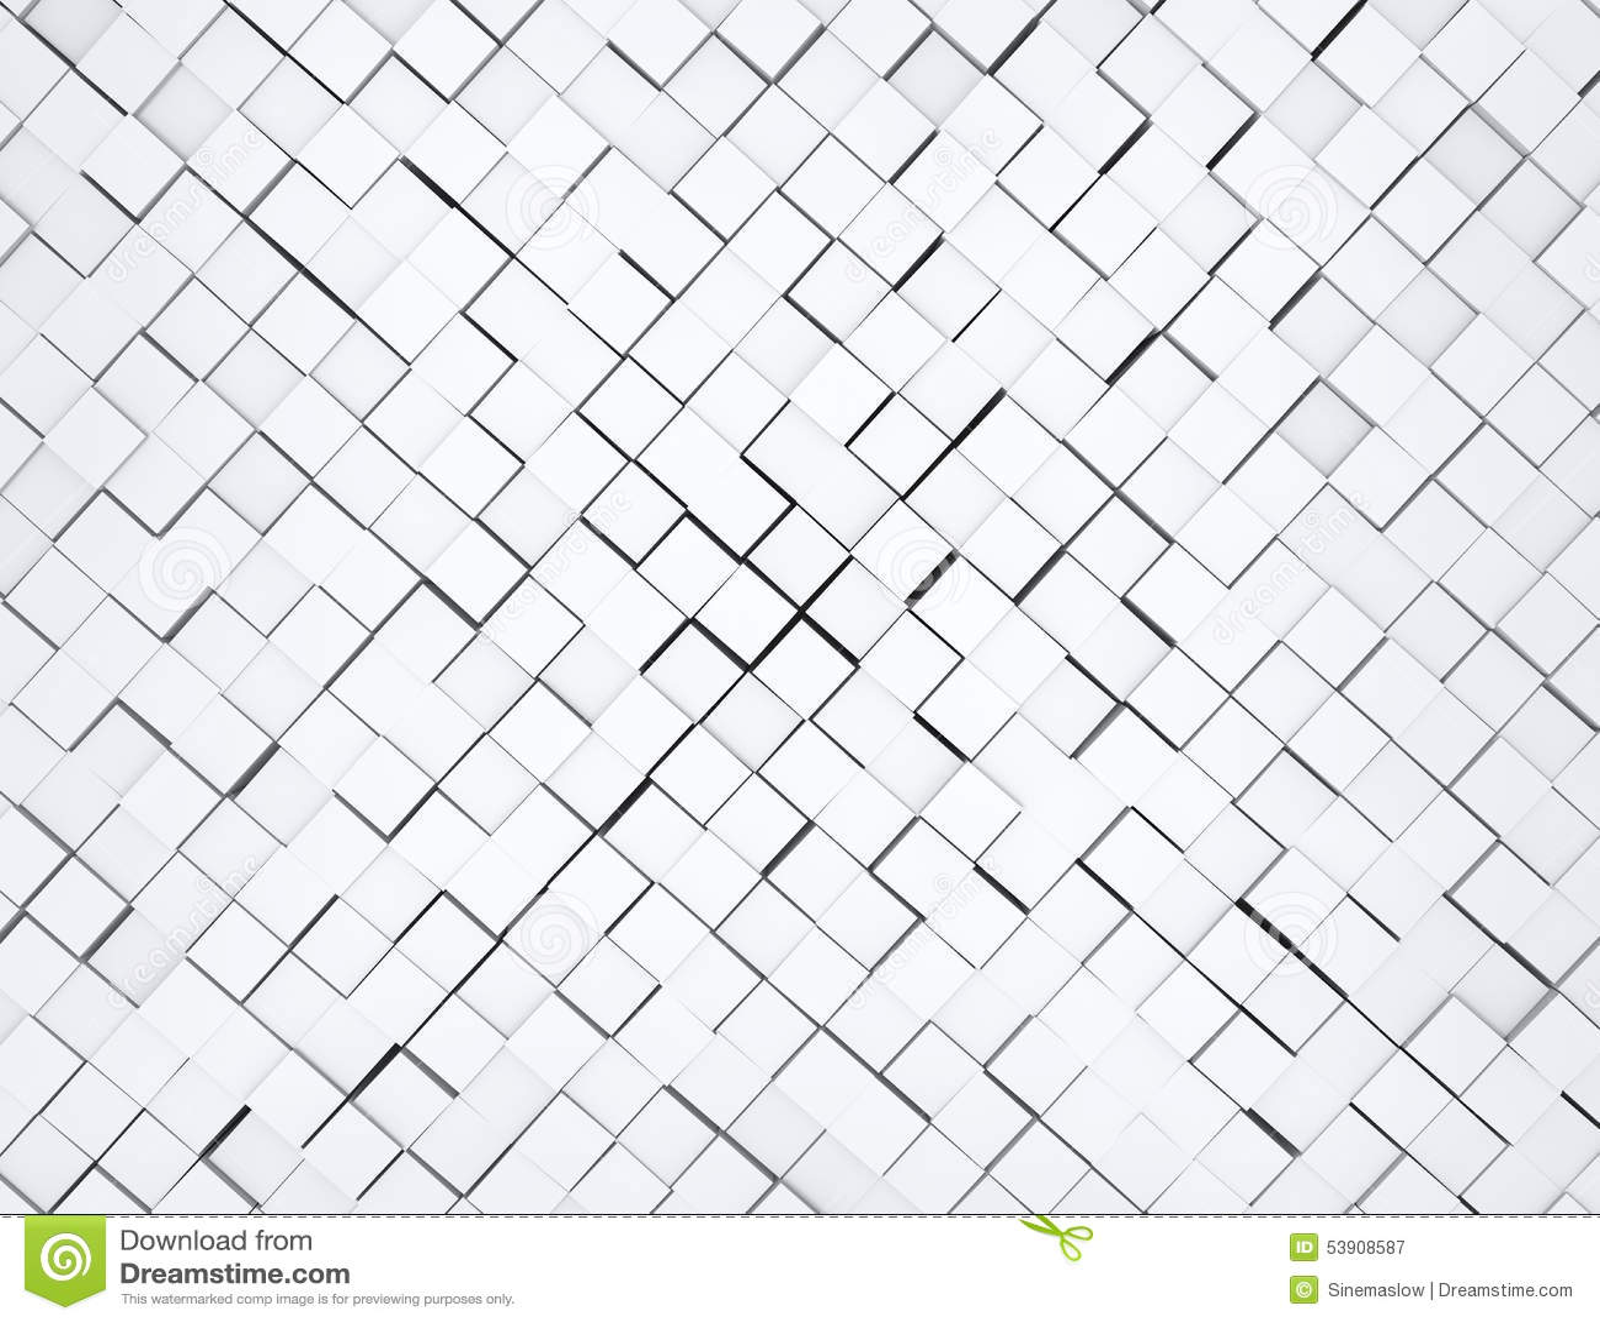 White Frames Wallpaper Background Stock Illustration - Illustration ...